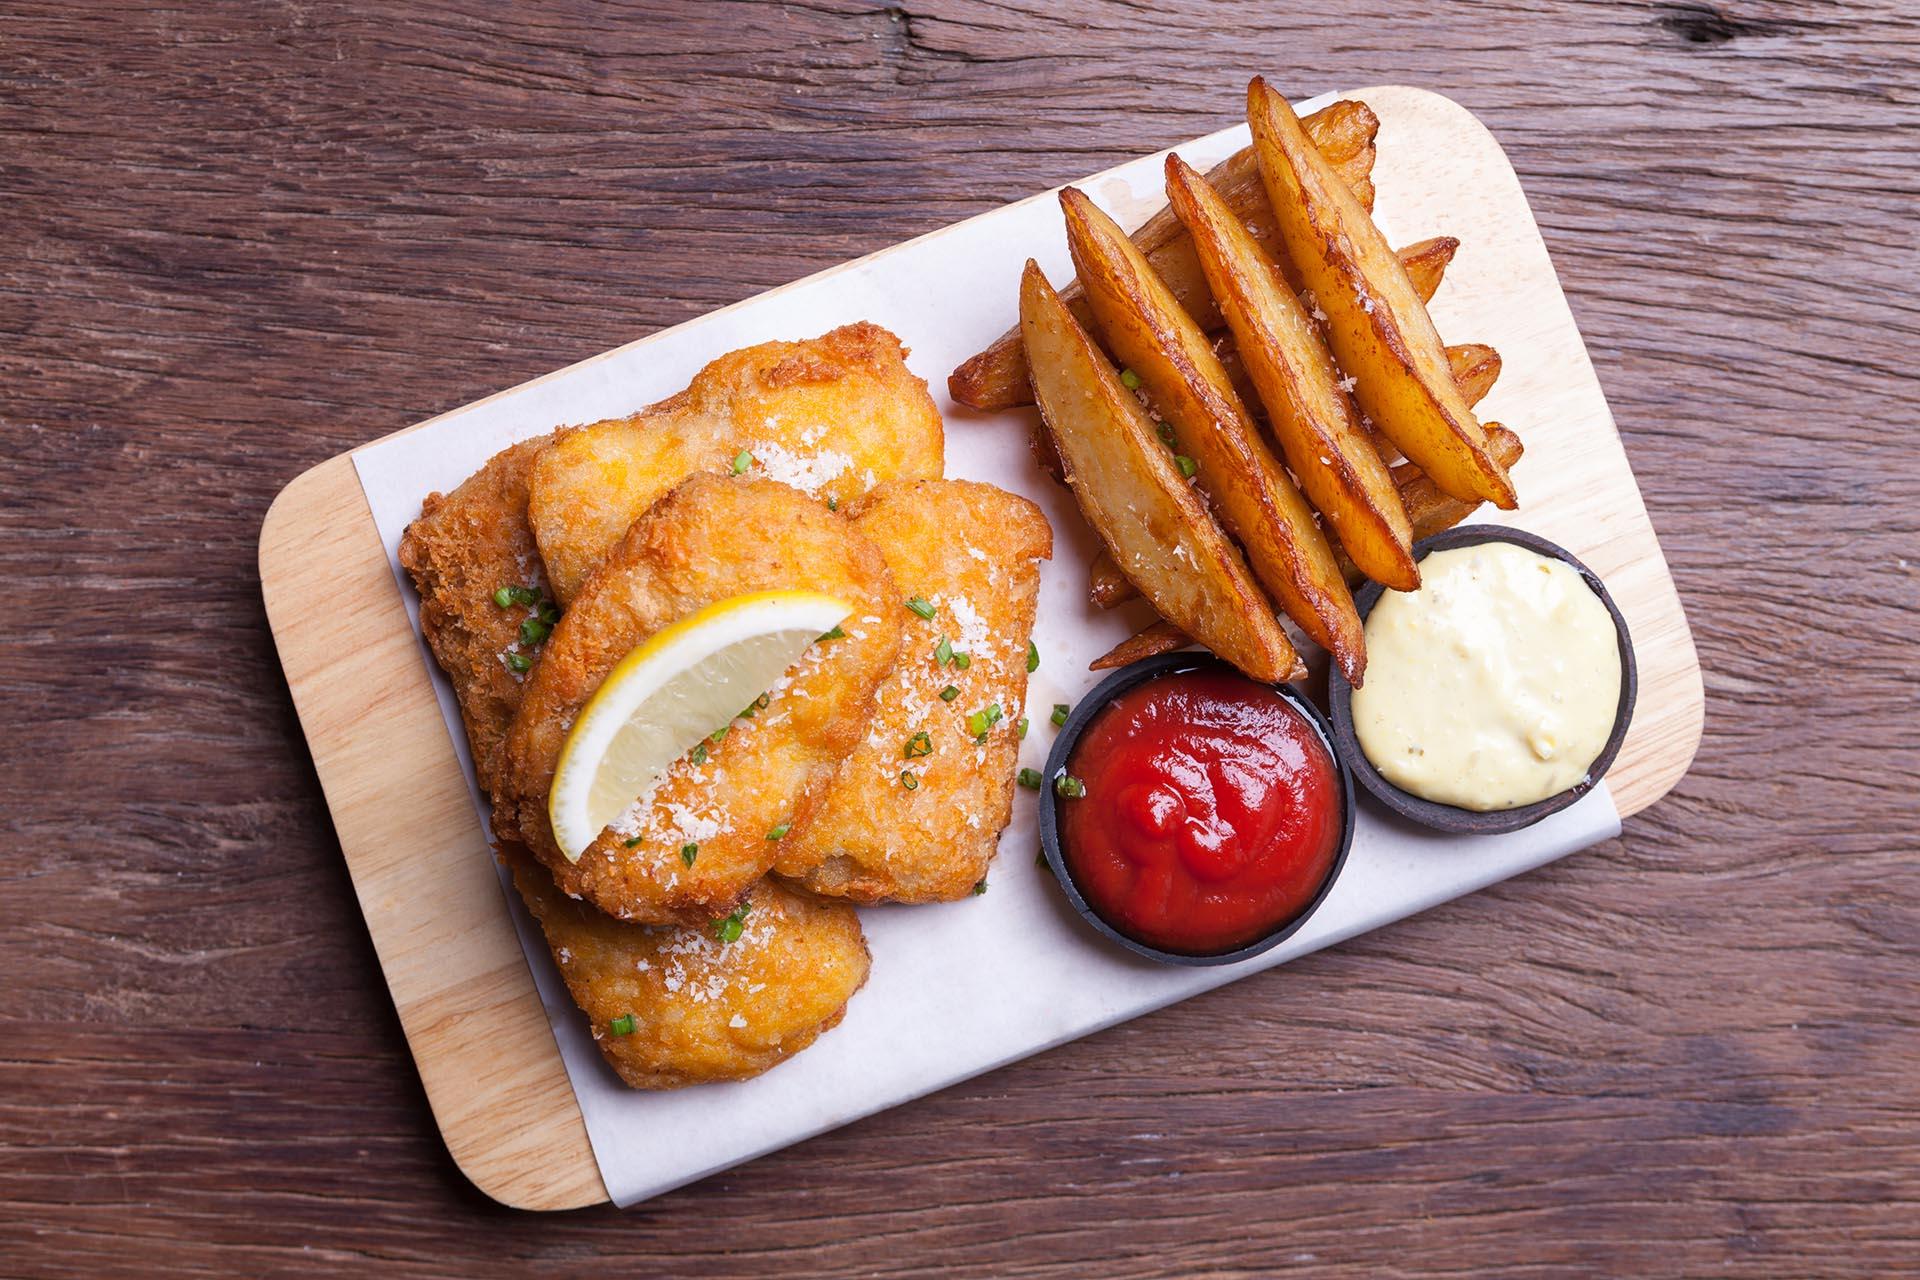 Los pescados empanados son algunos de los platos más sabrosos (Getty)